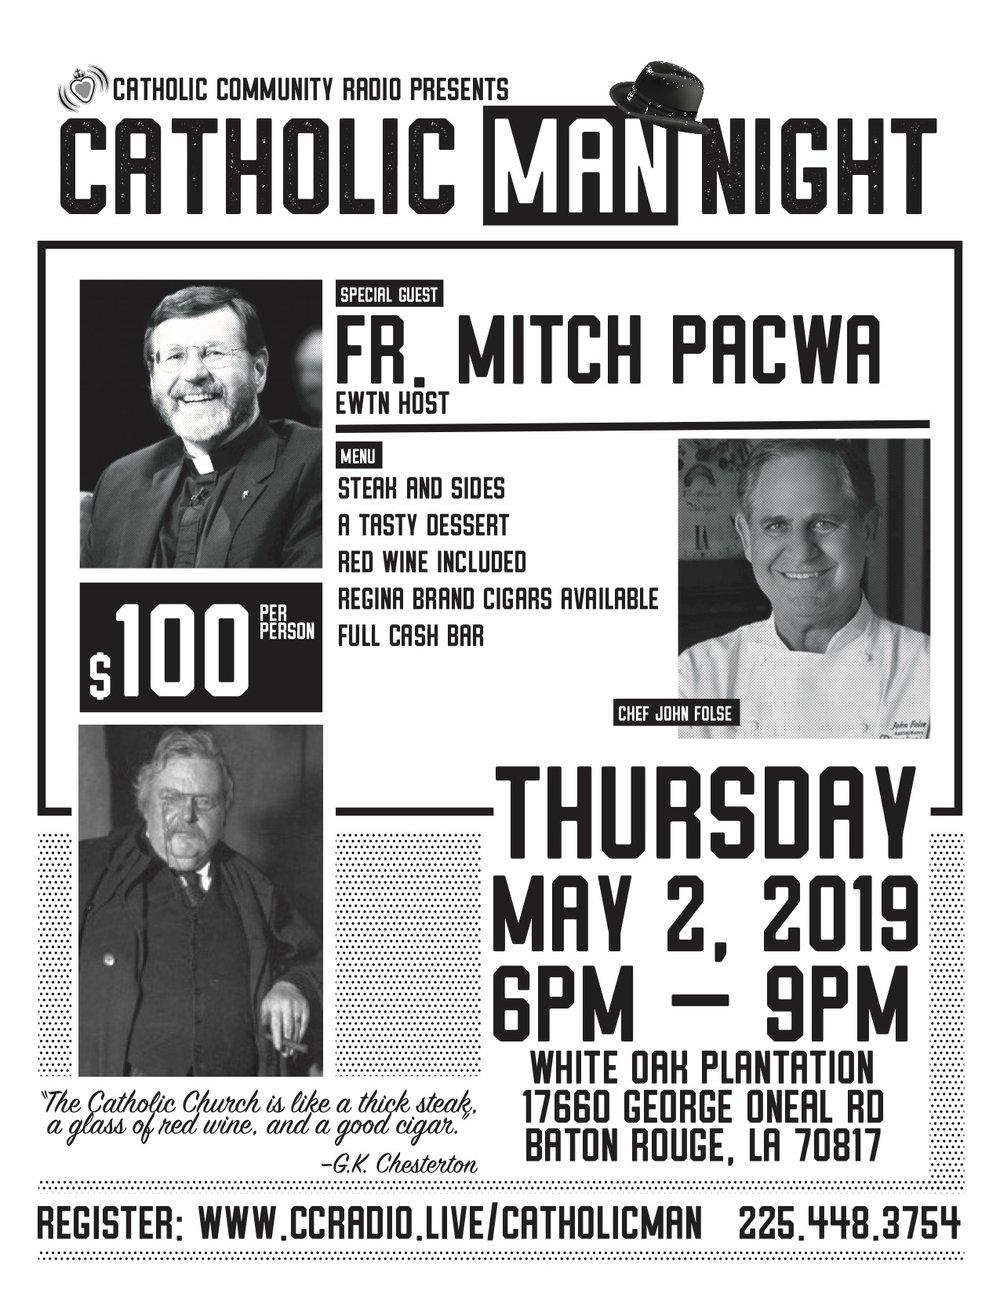 Catholic_Man_Night_-_May_2019.jpg